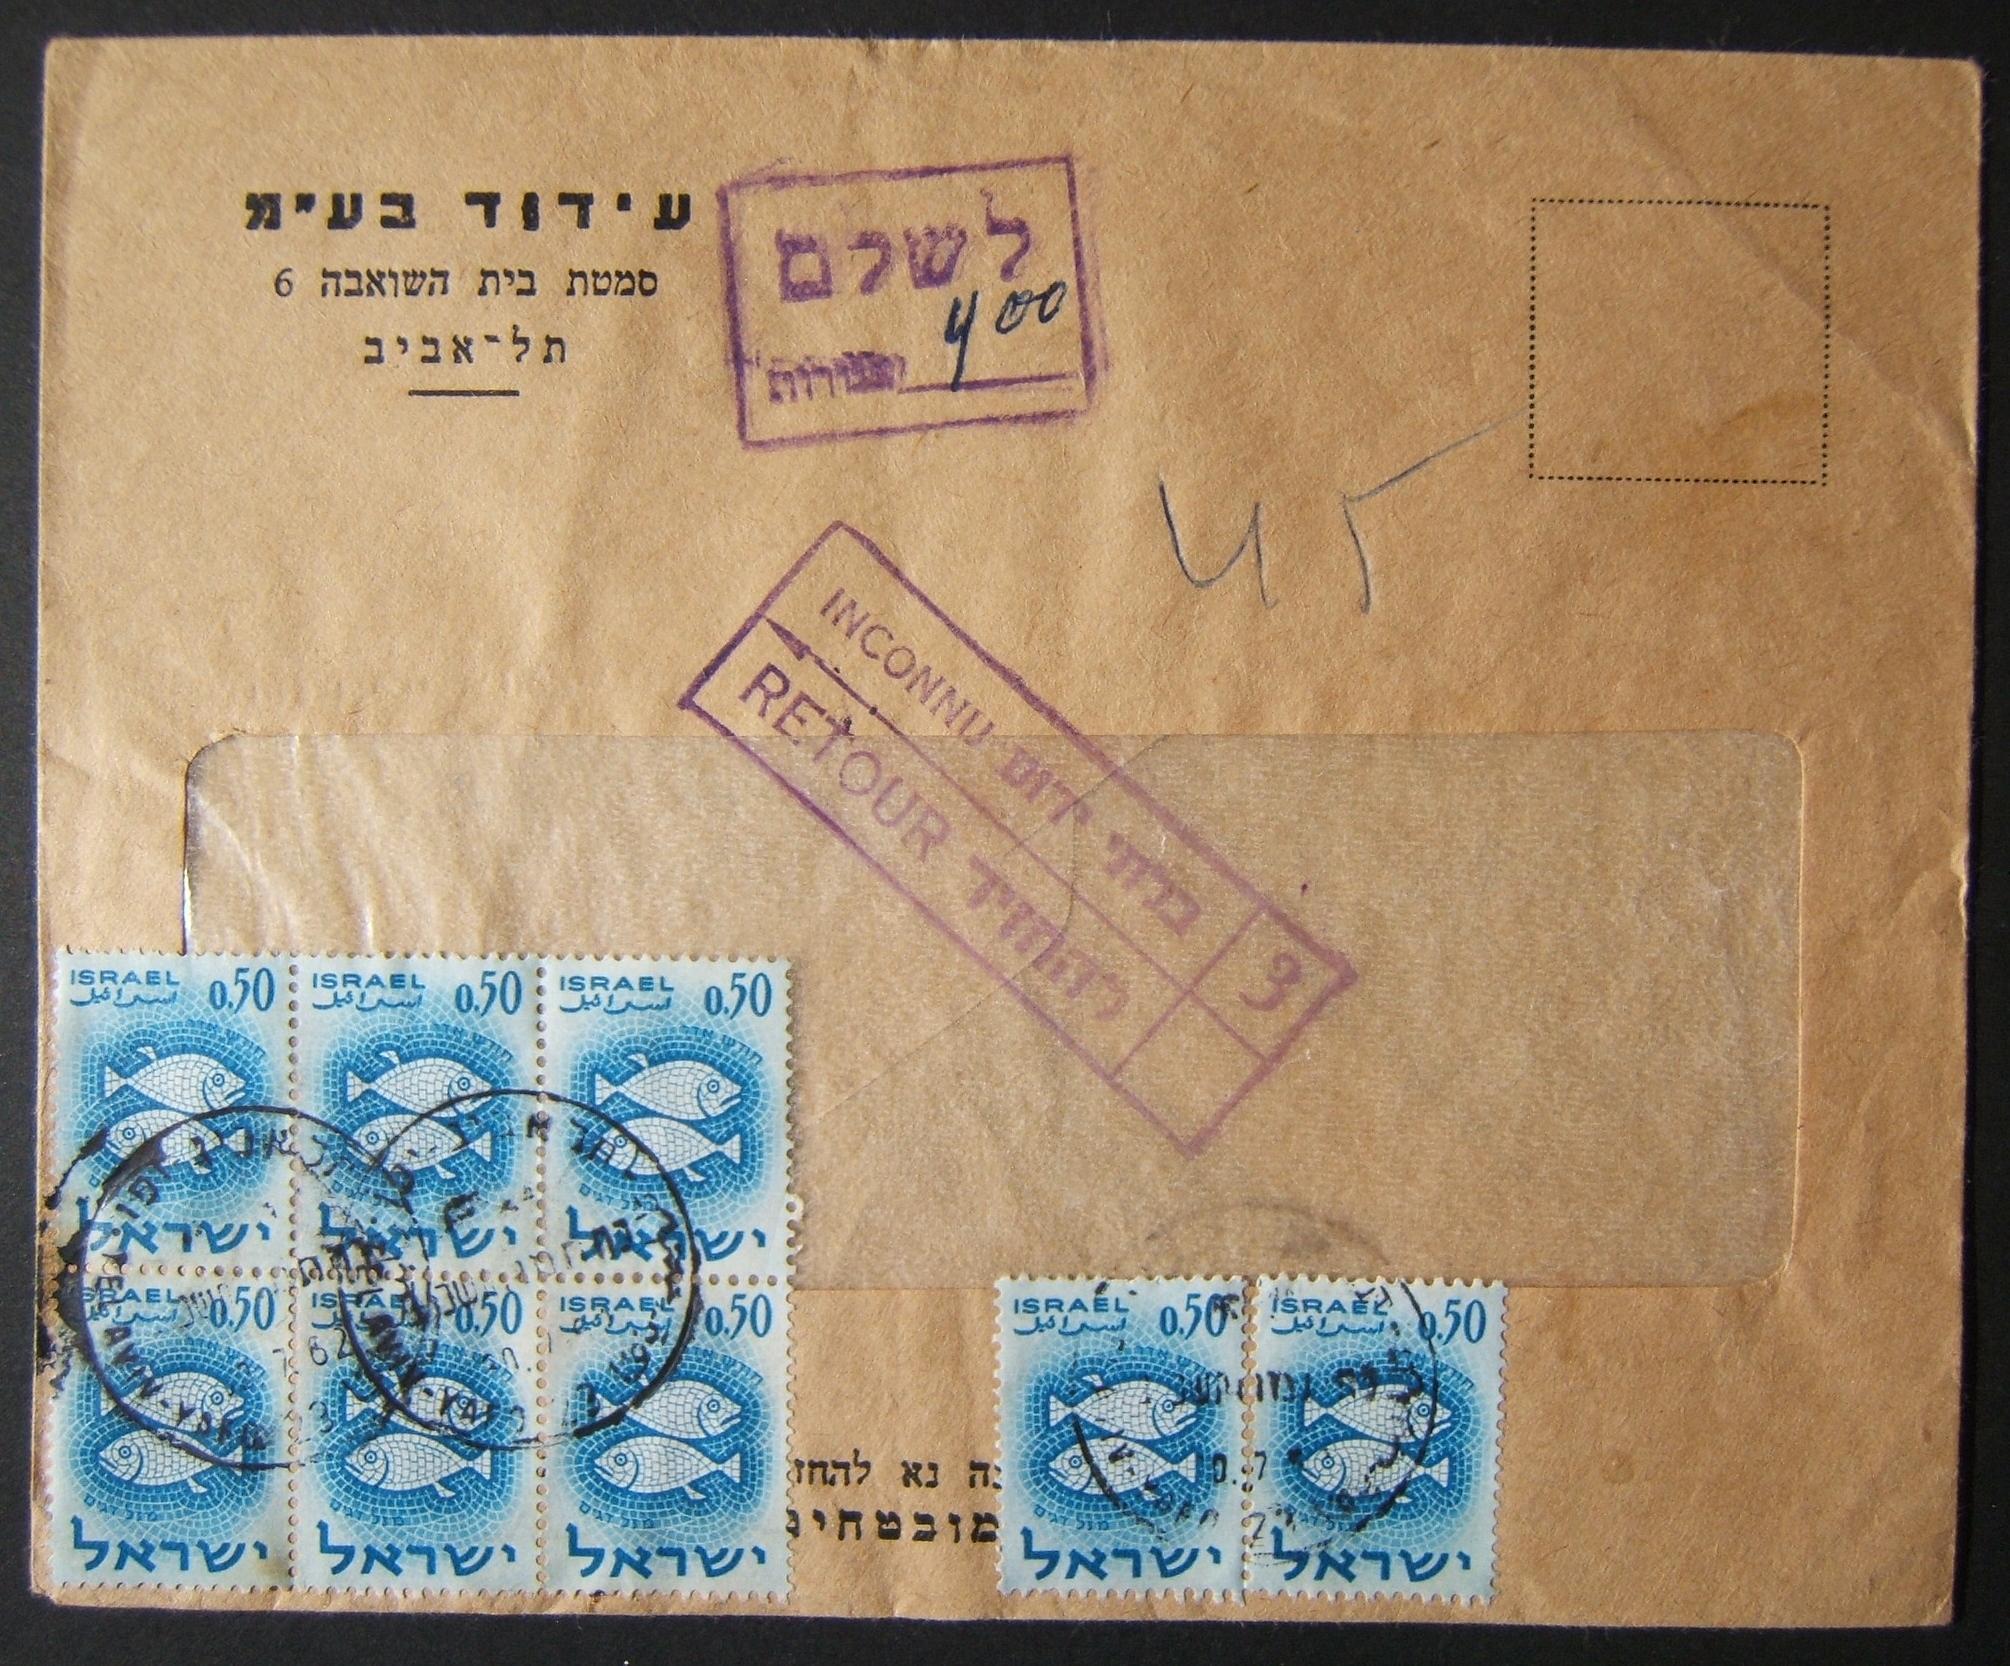 1962 תל אביב בראש של ערימת הדואר מיסים עבור הודעות שנשלחו + עצמו כפי שנשלח unfrened